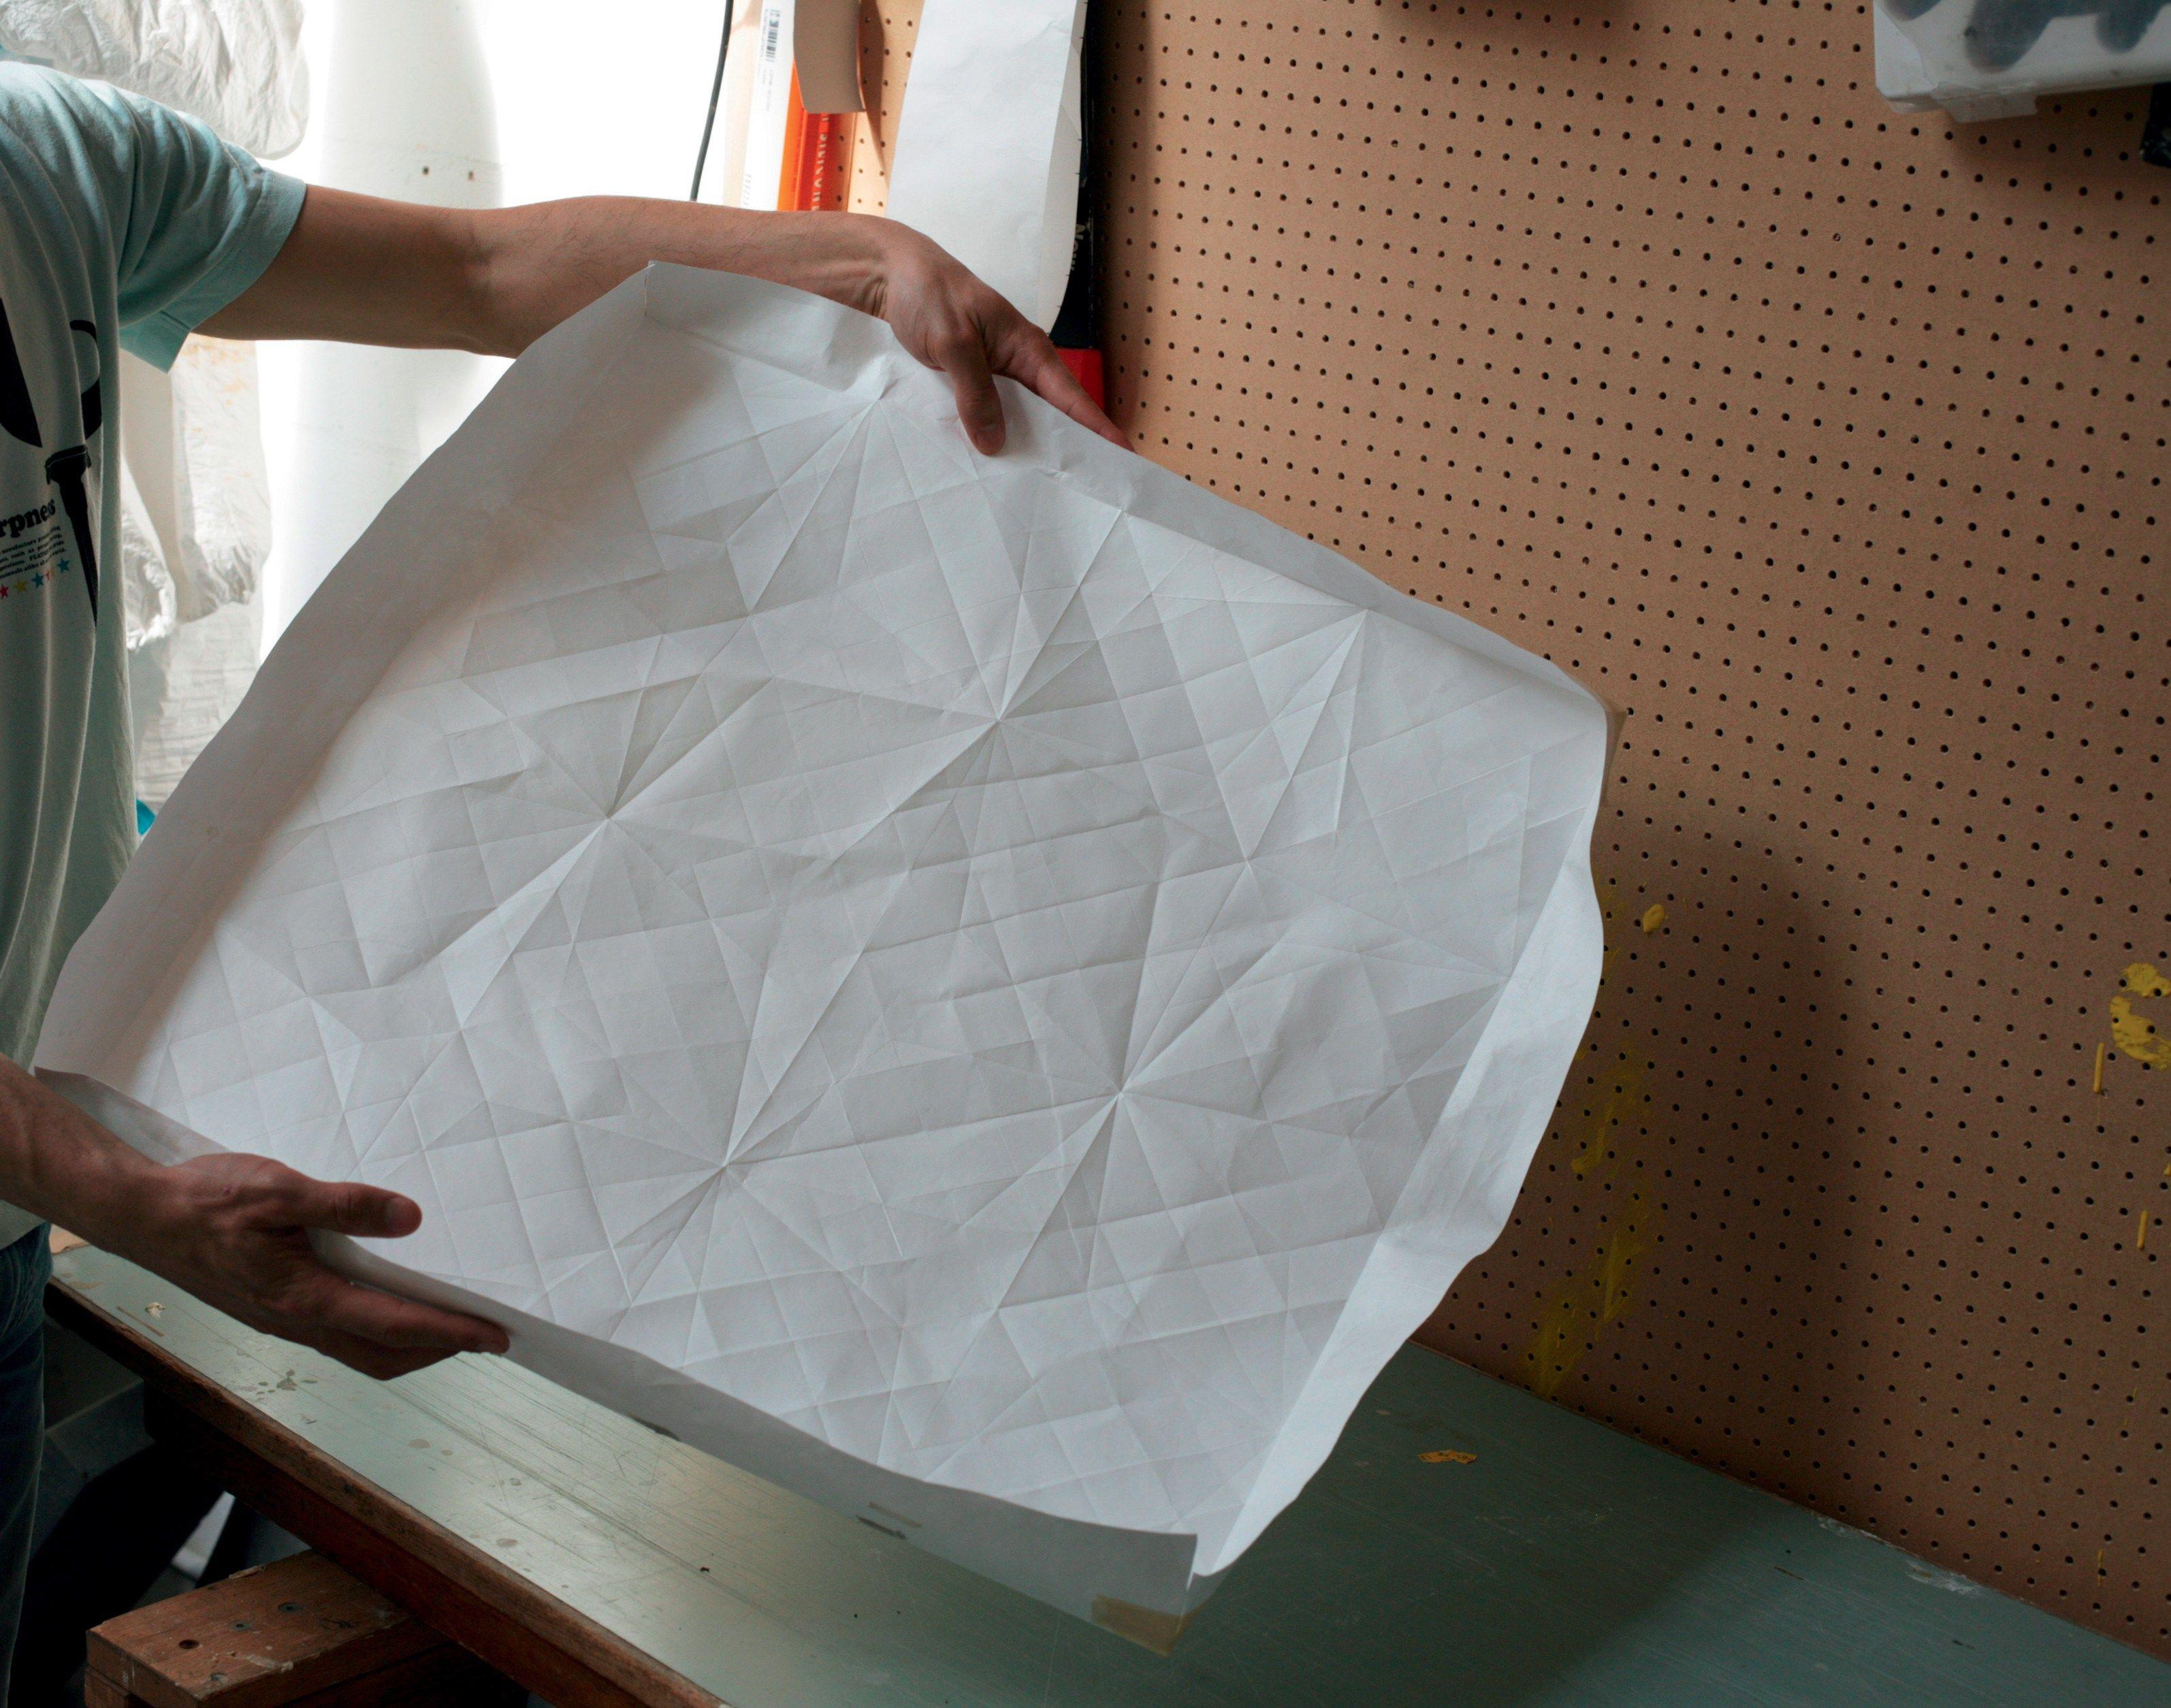 Pavimento rivestimento in gres porcellanato folded - Piastrelle mutina ...